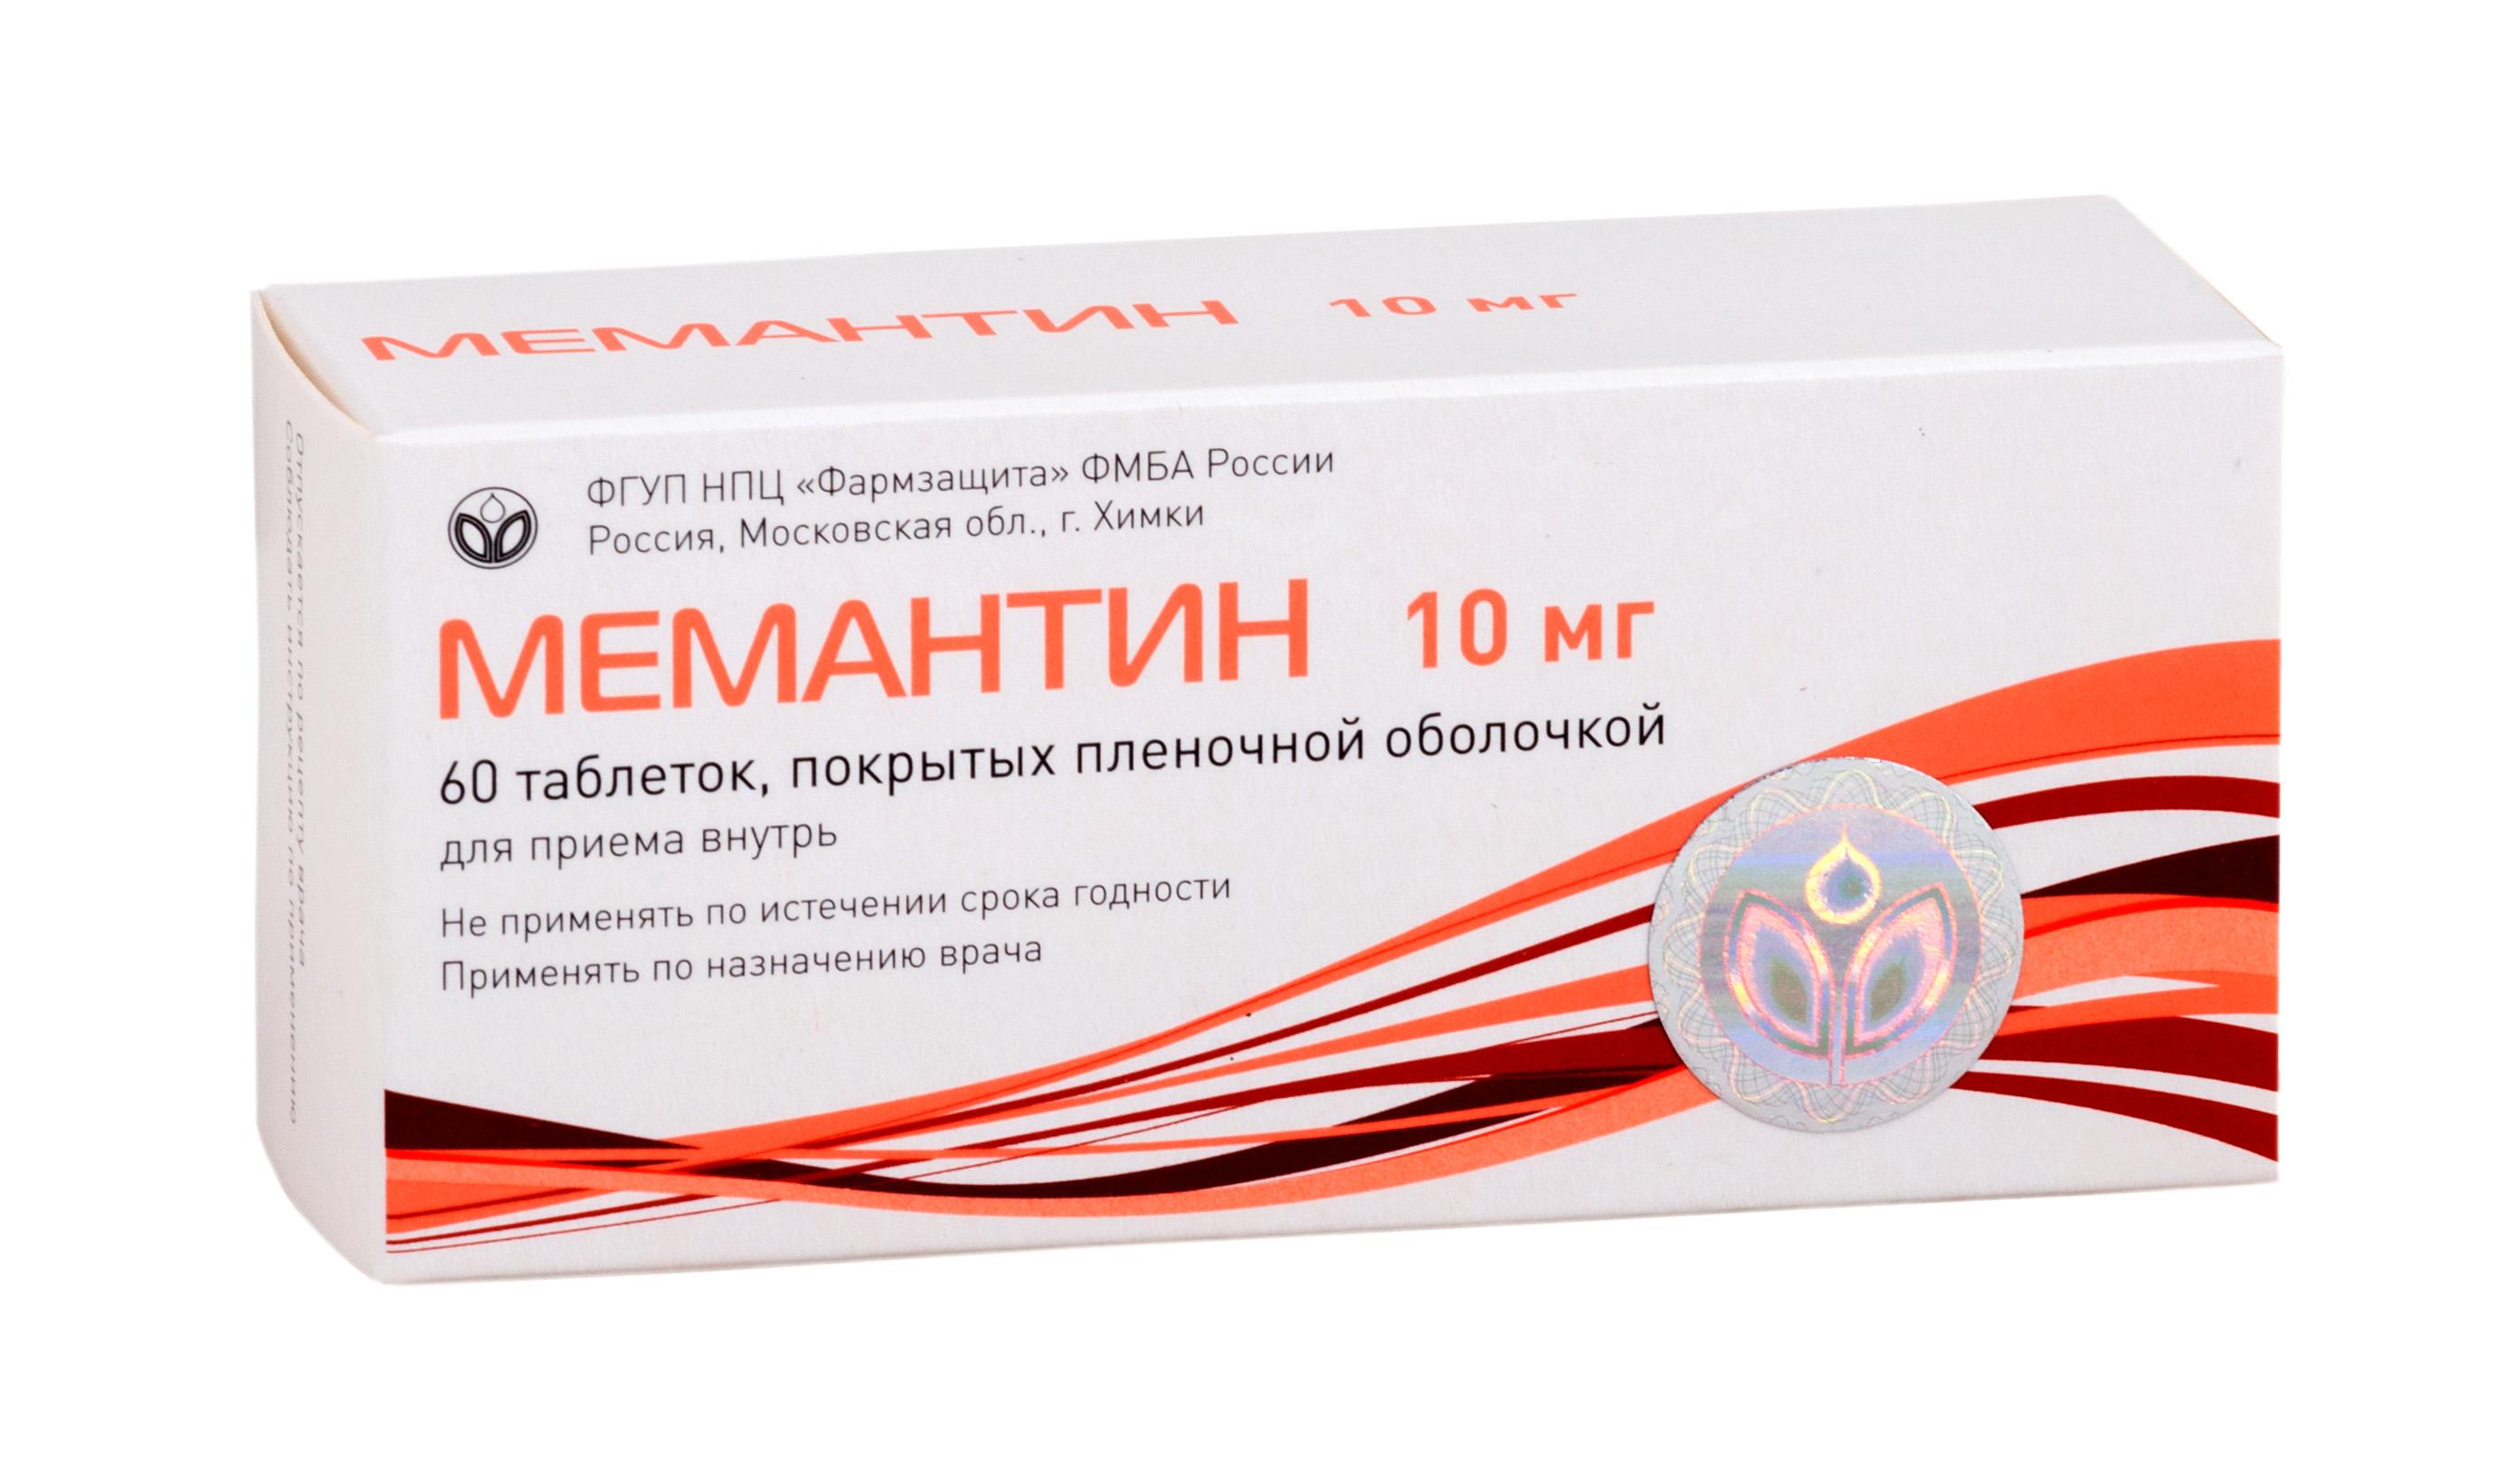 Мемантин таб. п.п.о. 10мг n60